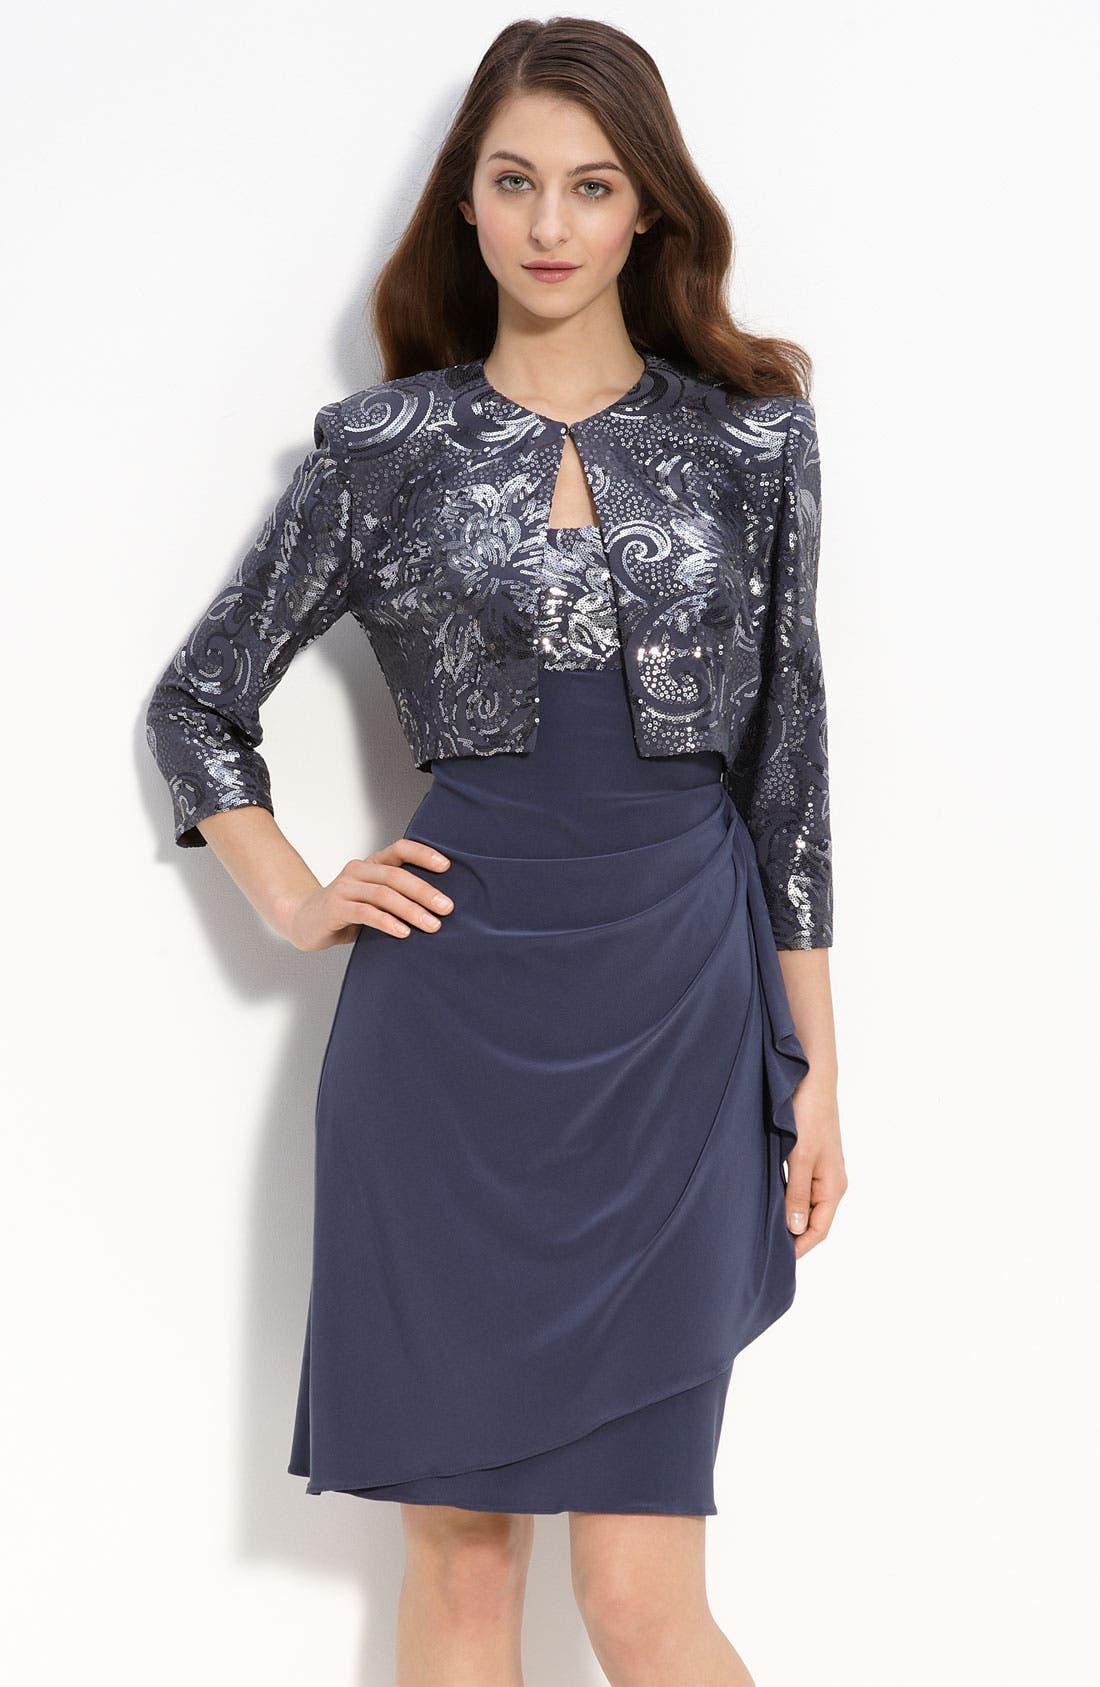 Alternate Image 1 Selected - Alex Evenings Sequin Jersey Sheath Dress & Bolero